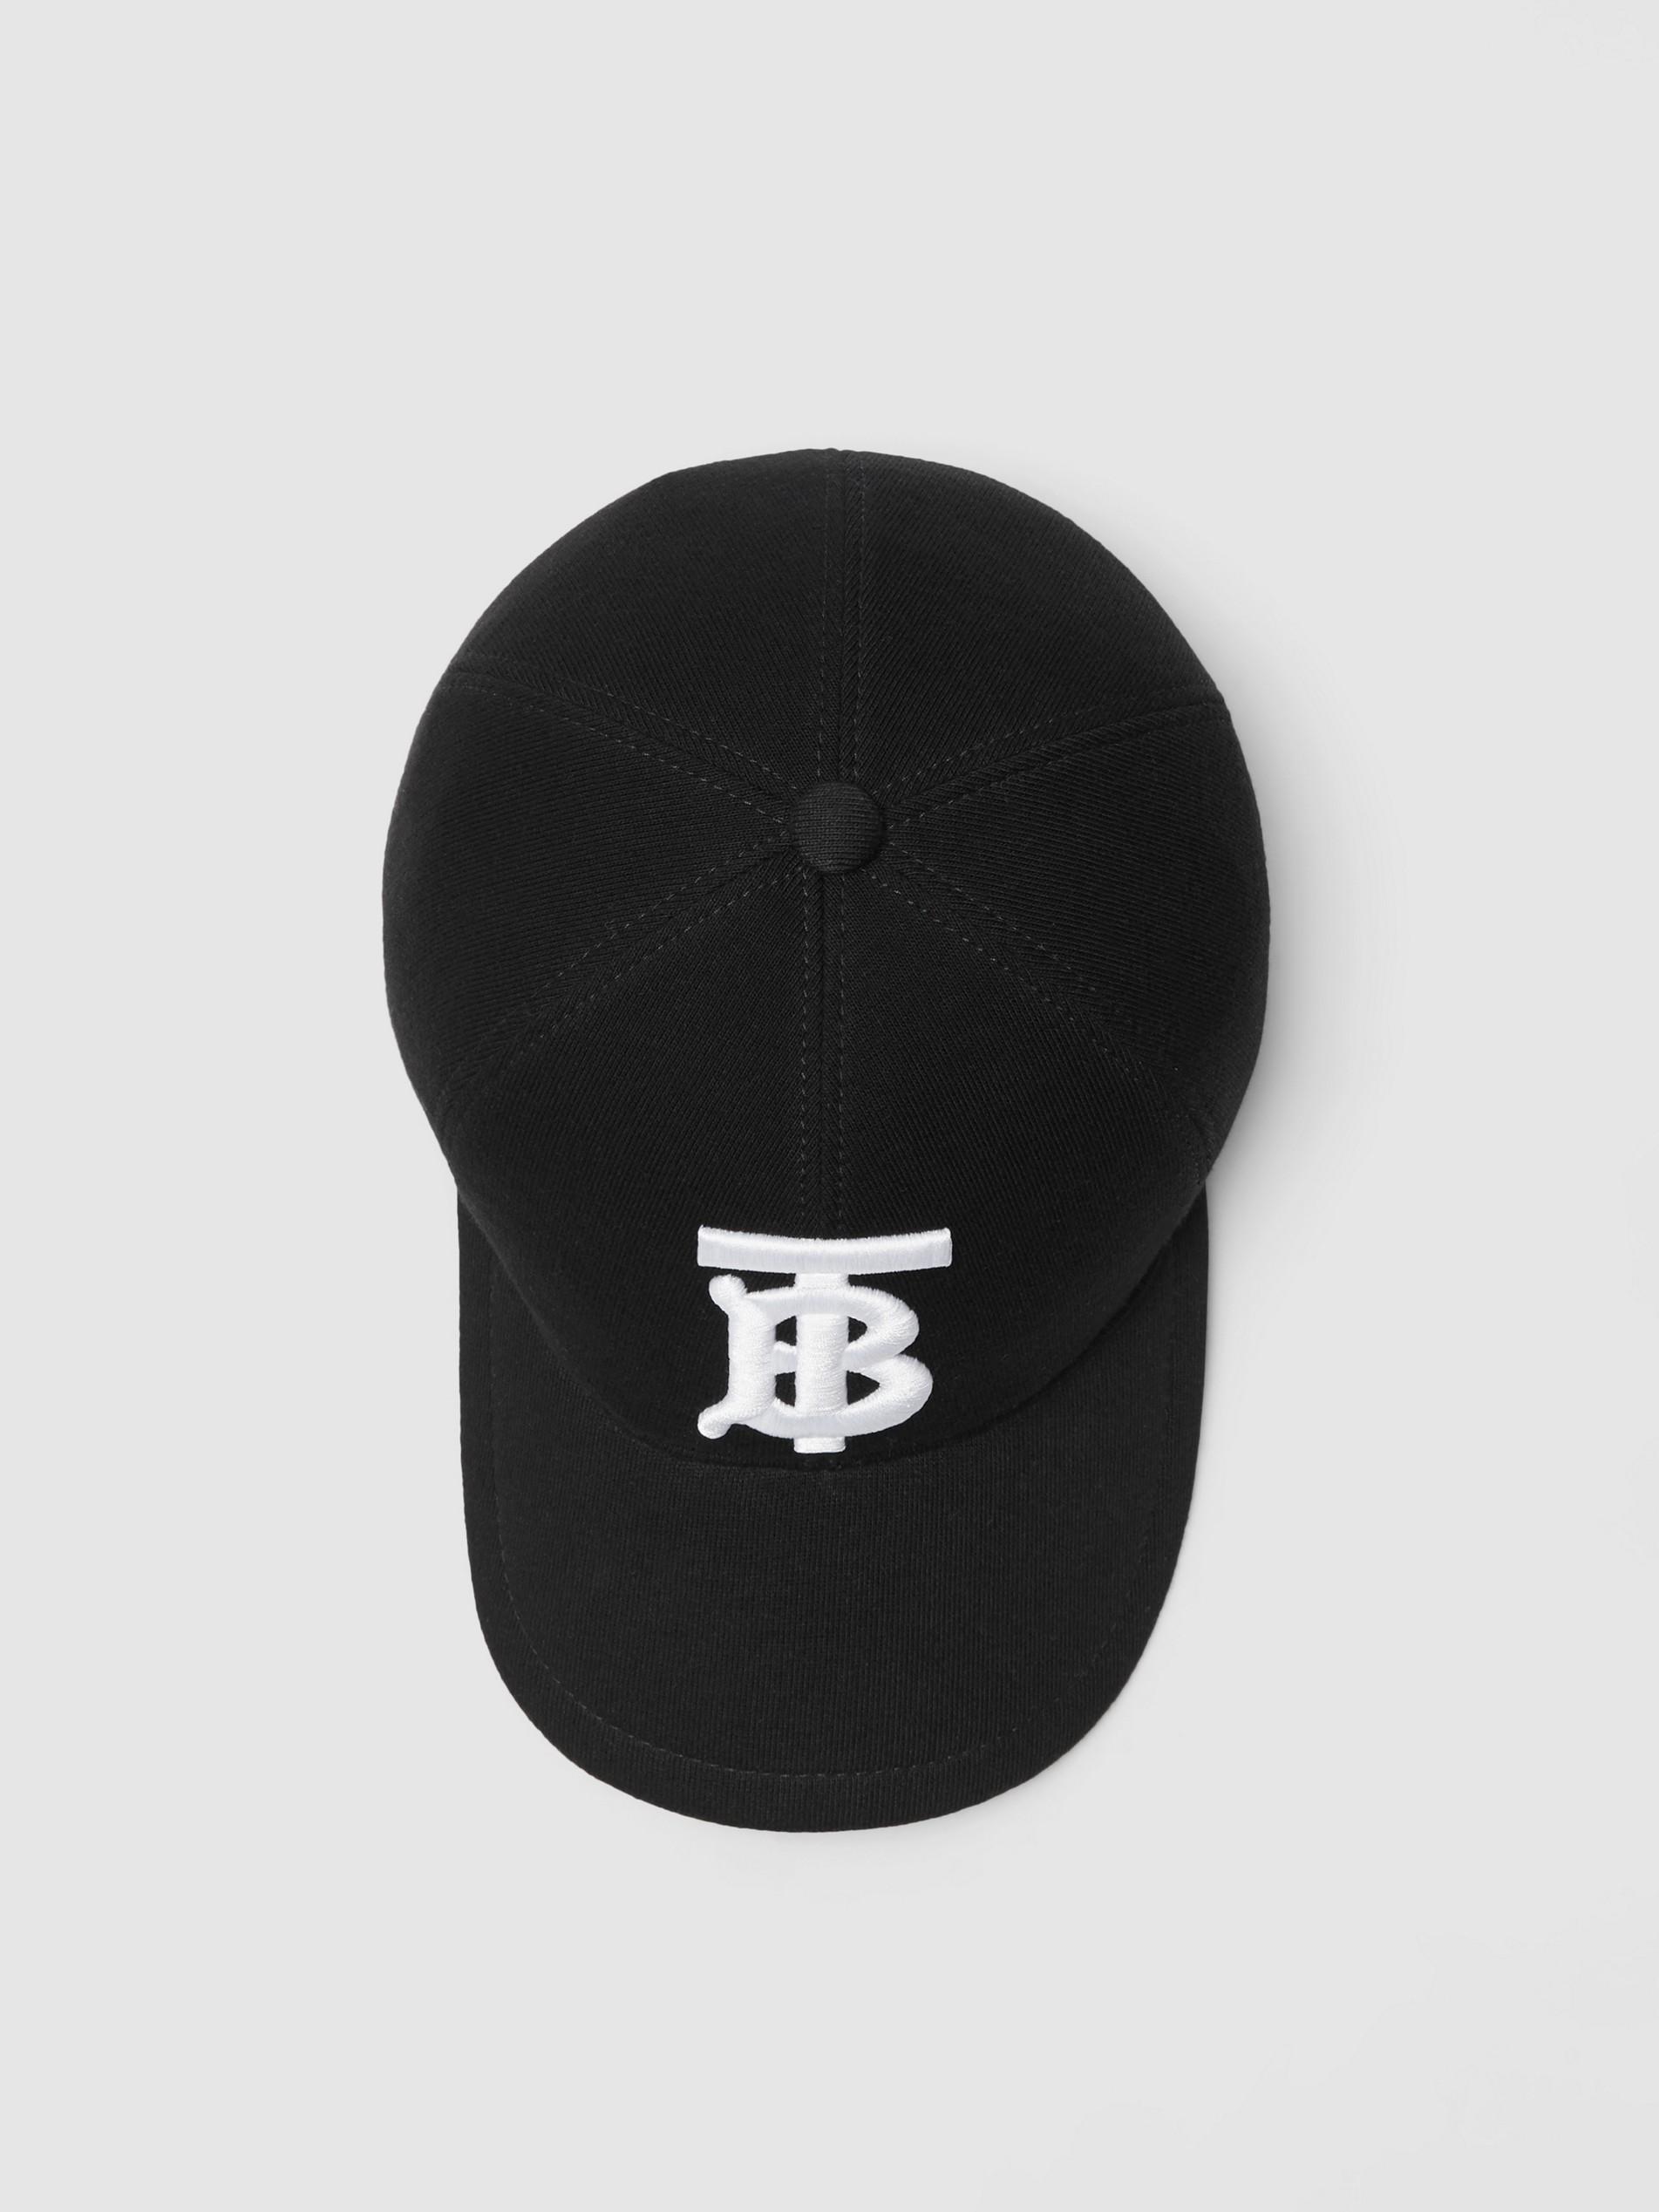 Shop Burberry Monogram Motif Baseball Cap In Black d9de0e8fadf